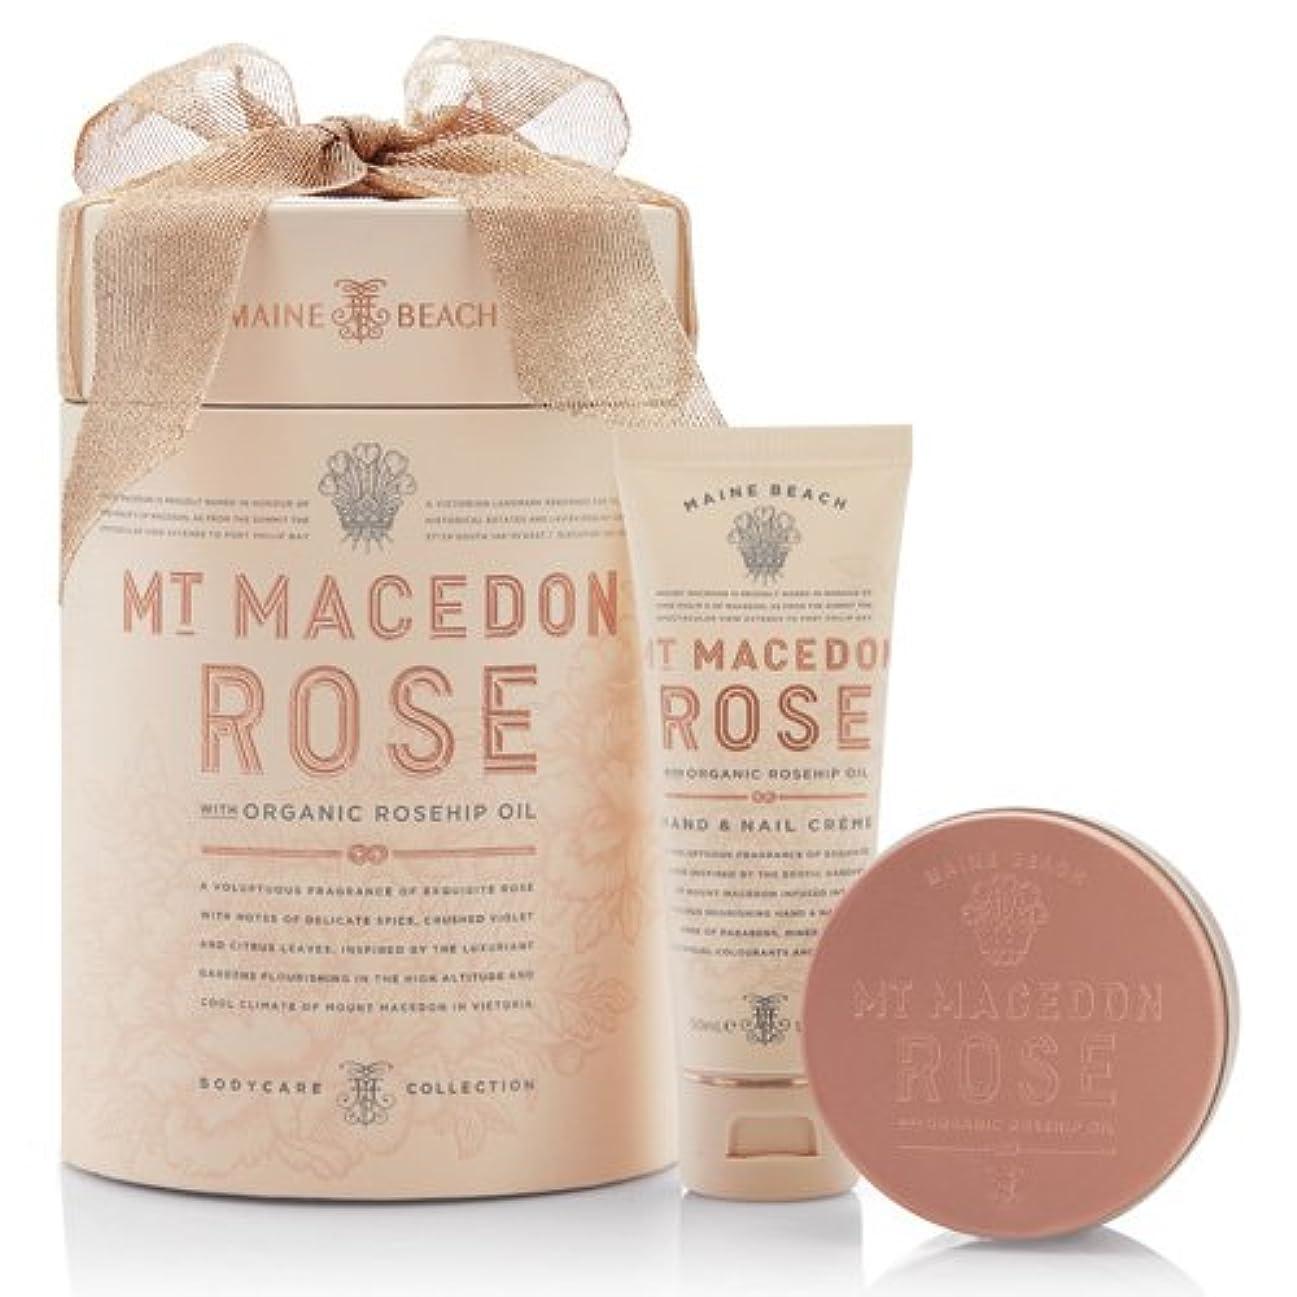 グリット注ぎますはちみつMAINE BEACH マインビーチ MT MACEDON ROSE マウント マセドン ローズ Duo Gift Pack